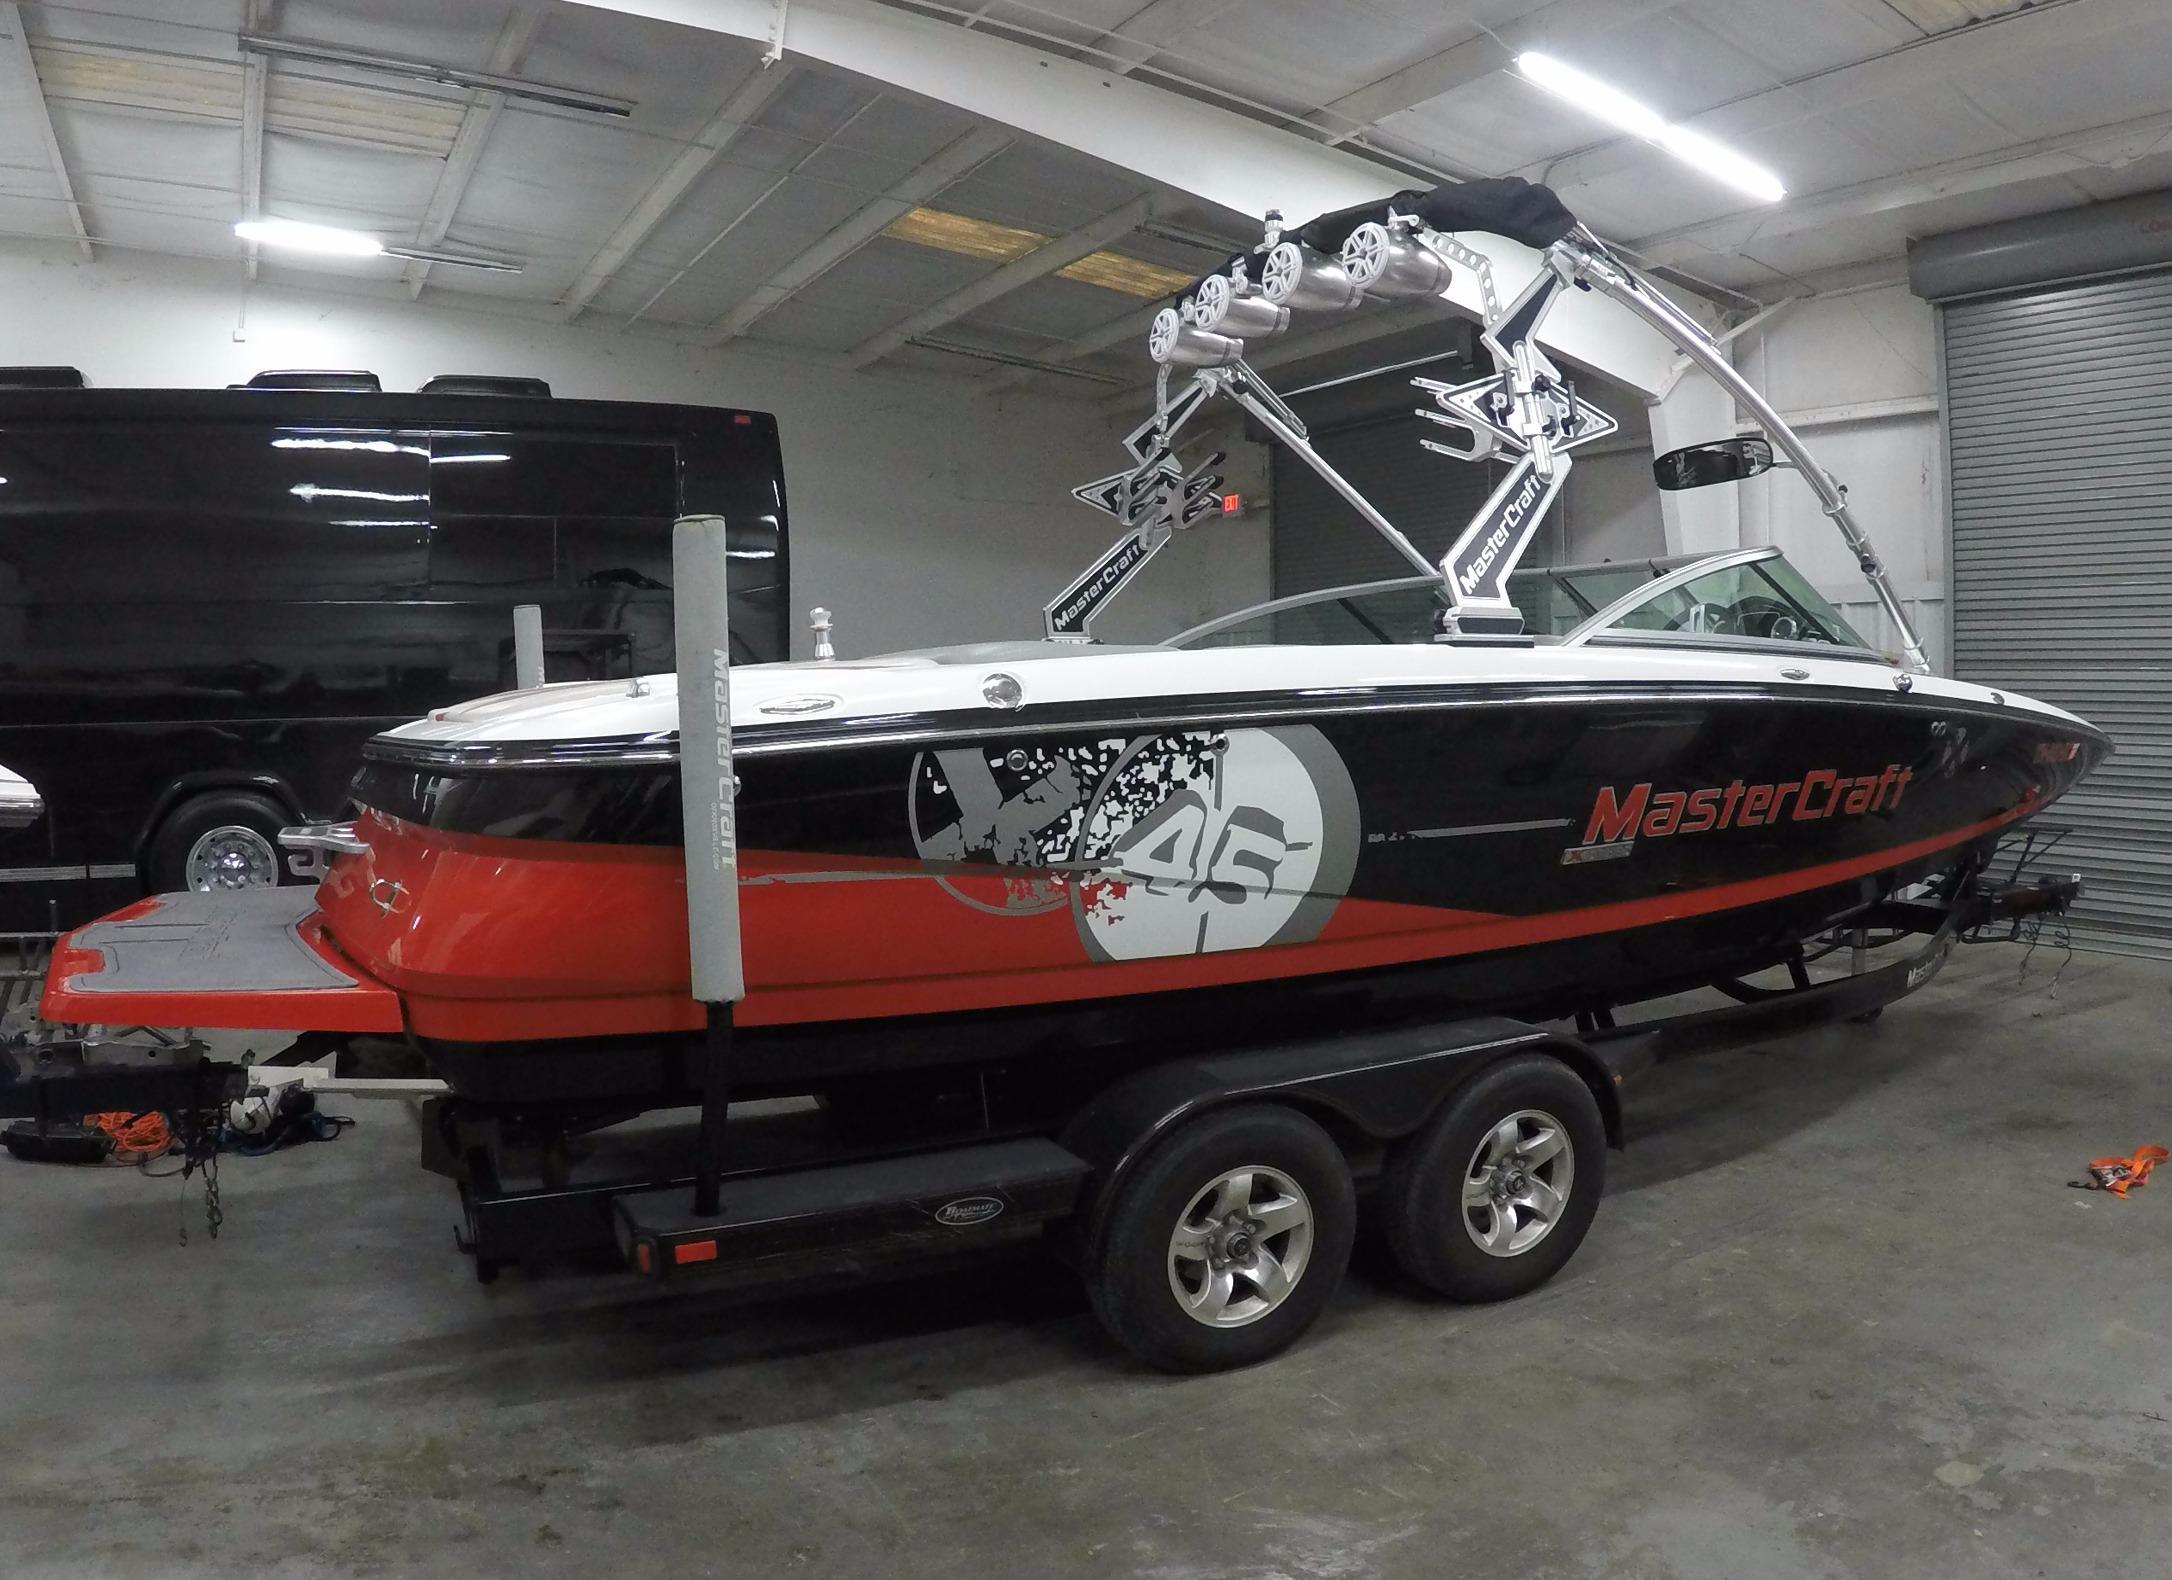 2010 Mastercraft X 45 Motore Barca In Vendita Www